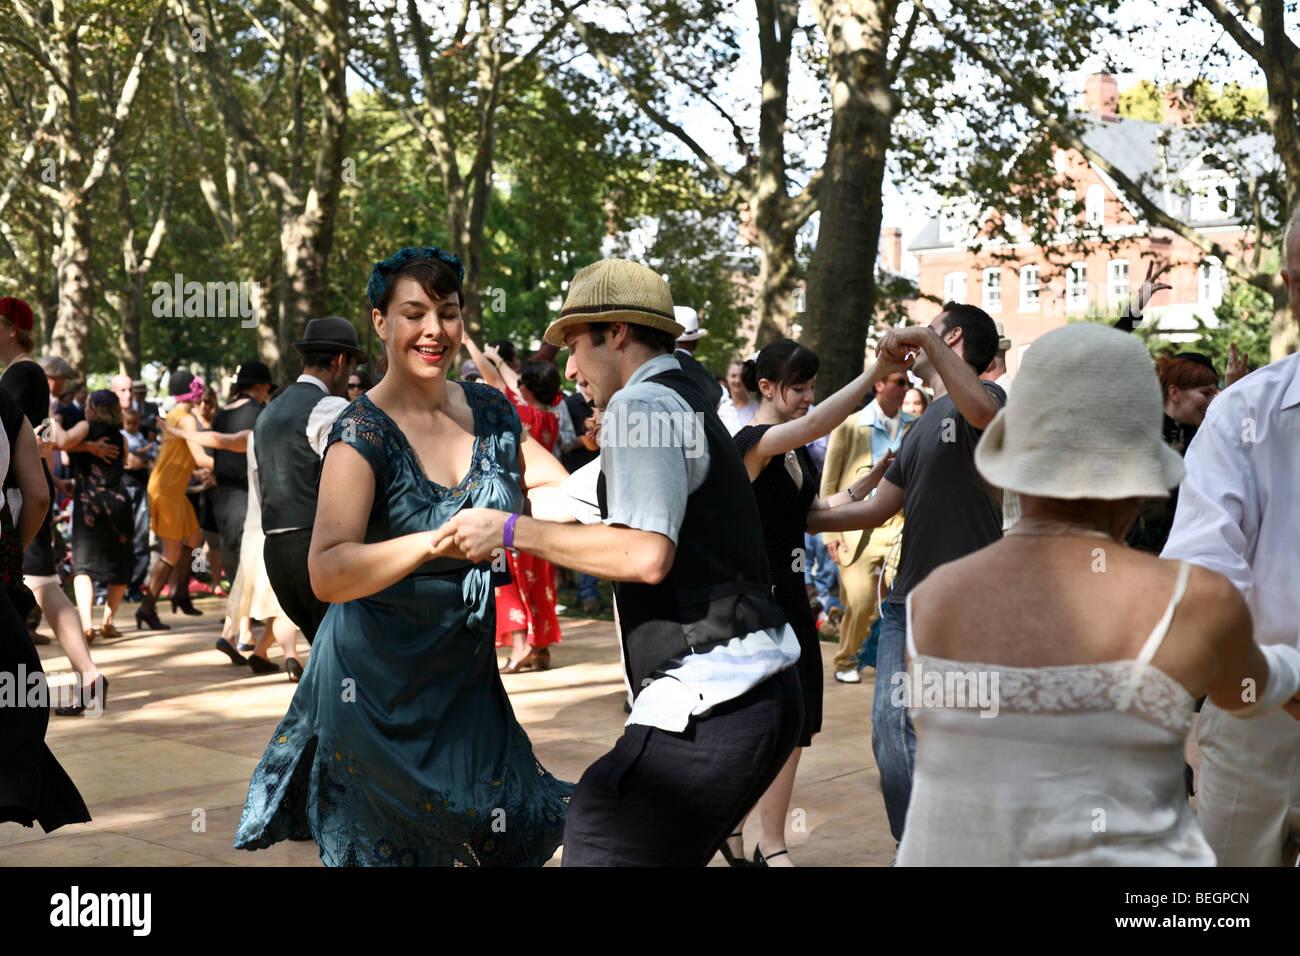 Tanzbegeisterten 20er Jahre Kleidung füllen die al Fresco-Tanzfläche ...